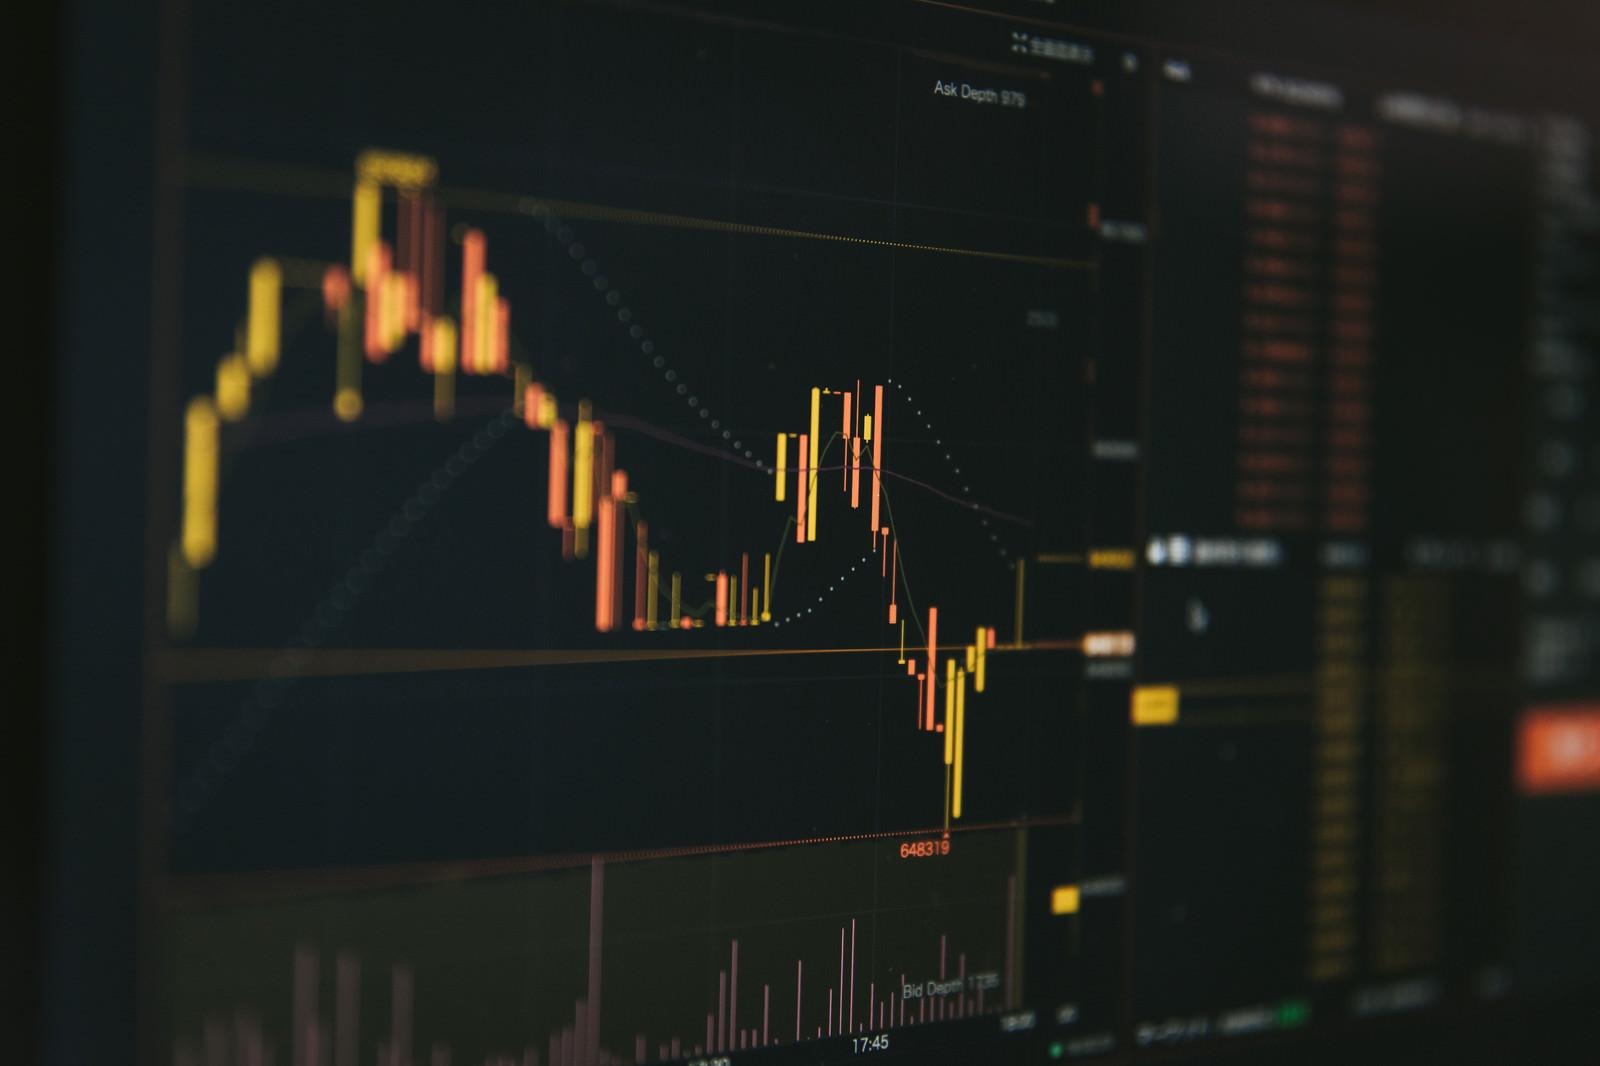 「乱高下するビットコインのチャート」の写真